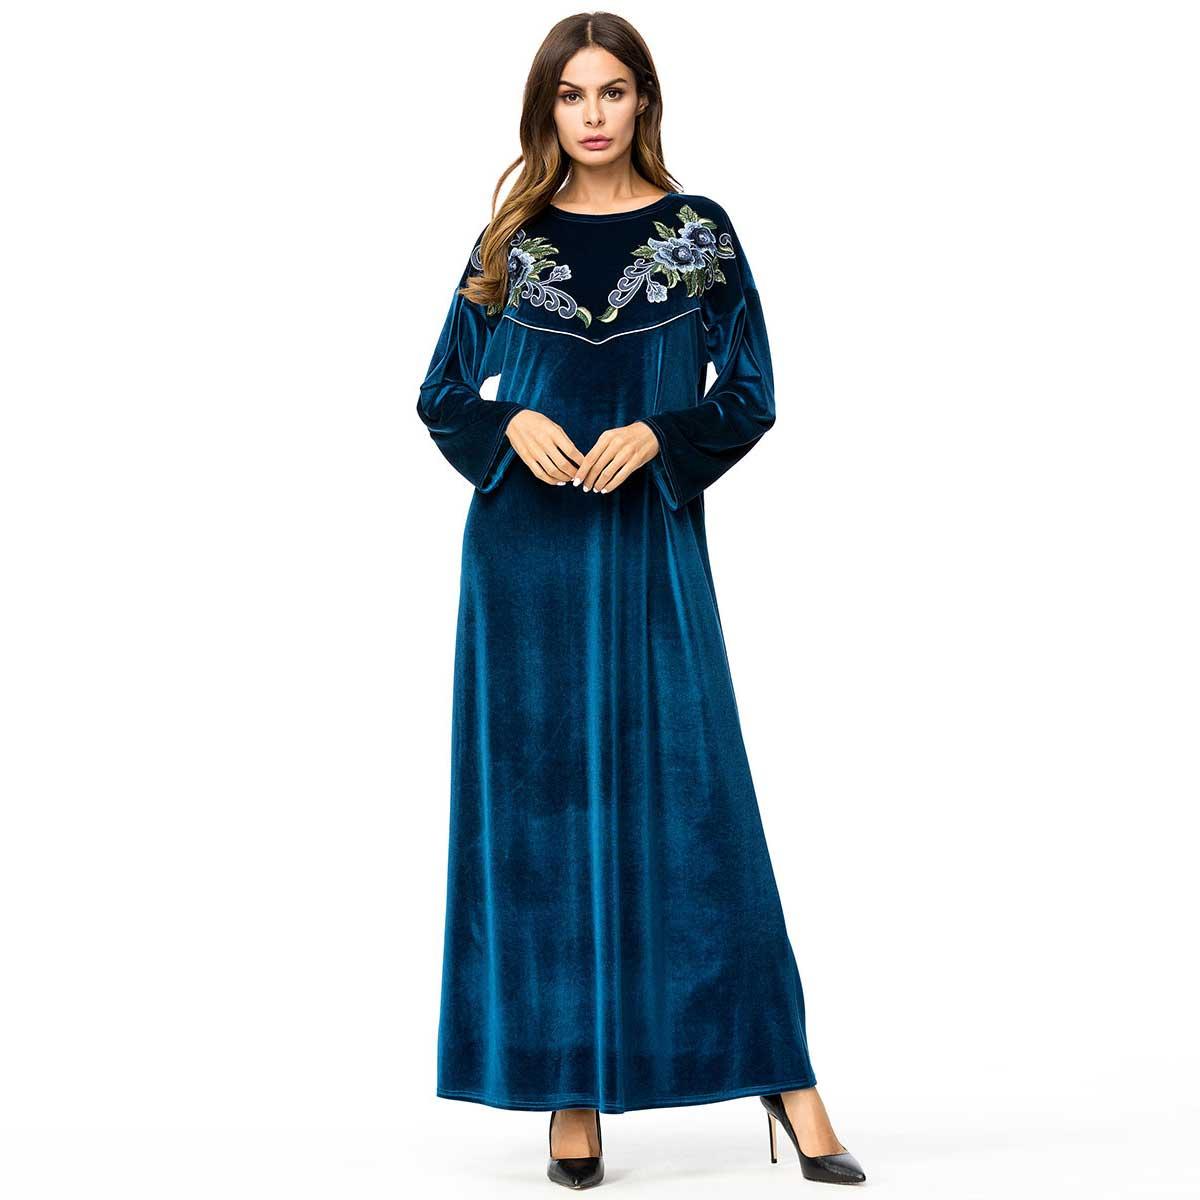 45ccf109ac De otoño invierno Dubai Abaya vestido de terciopelo bordado Floral musulmán  hijab islámica árabe de las mujeres thoub túnica túnicas VKDR1370 ...